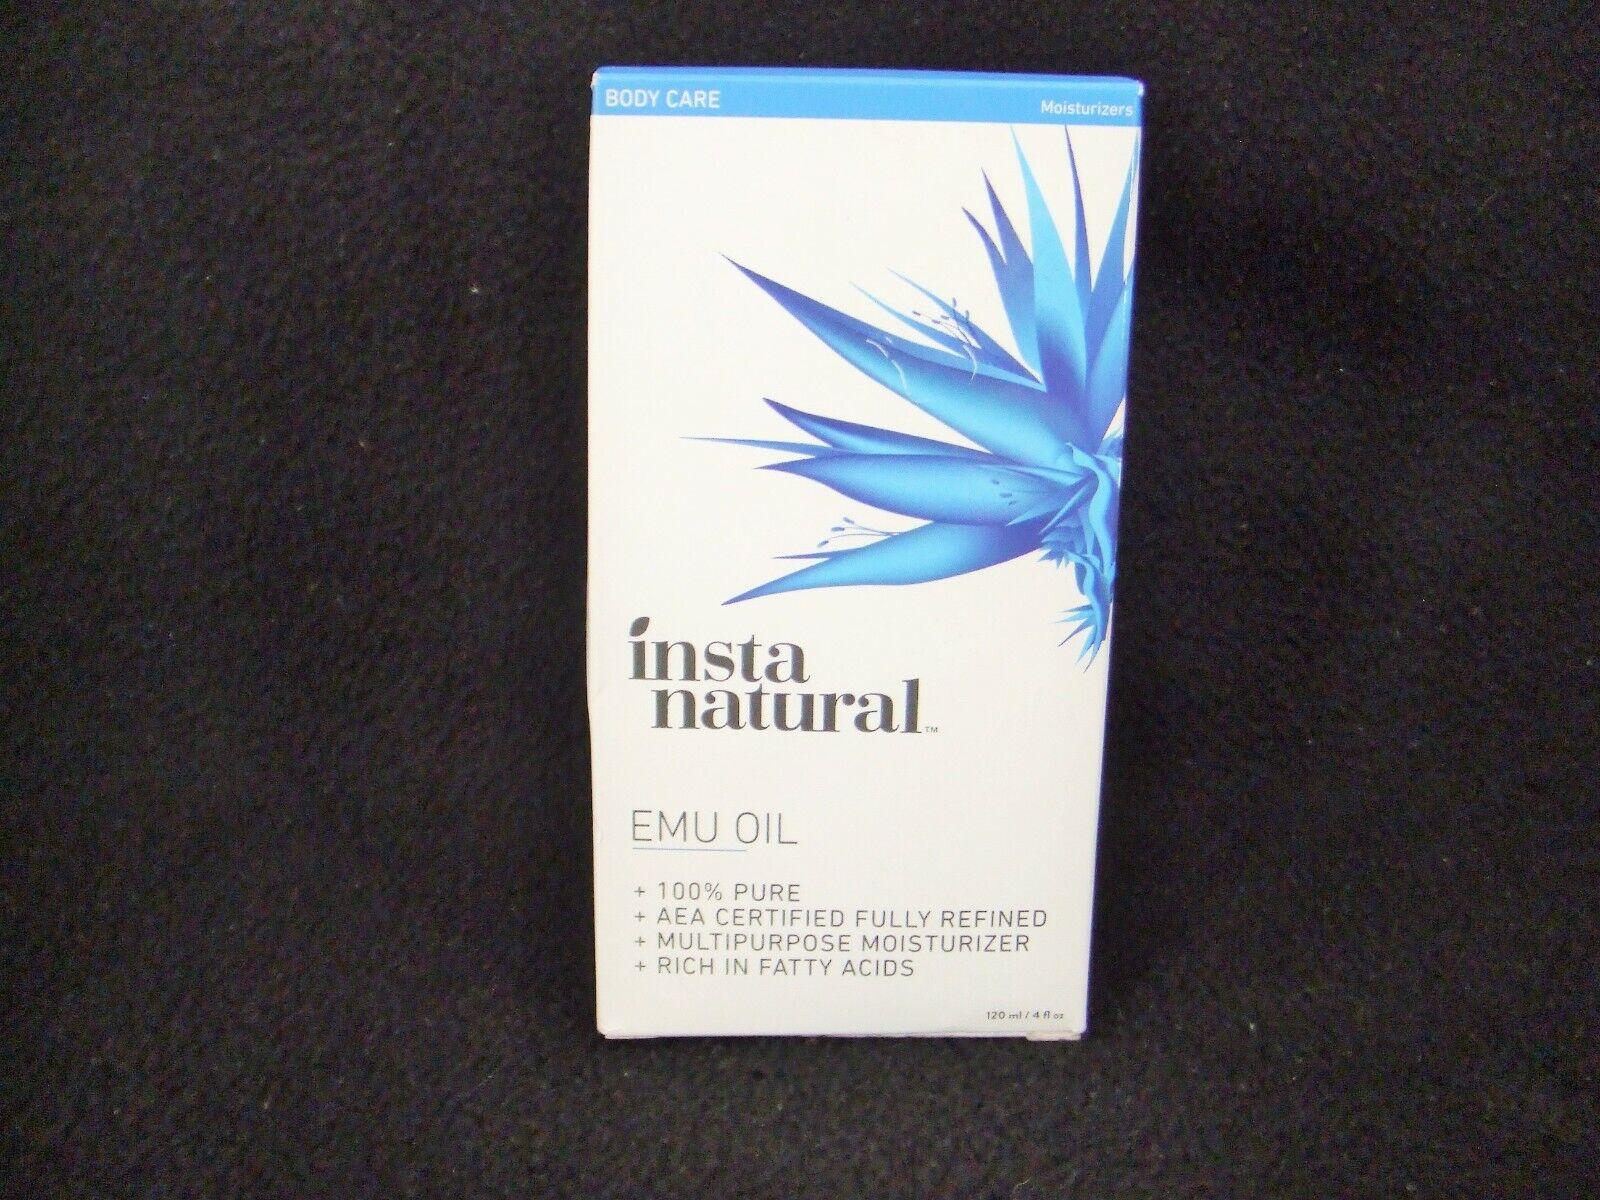 Insta Natural 100% Pure Emu Oil ~ Multipurpose Moisturizer ~